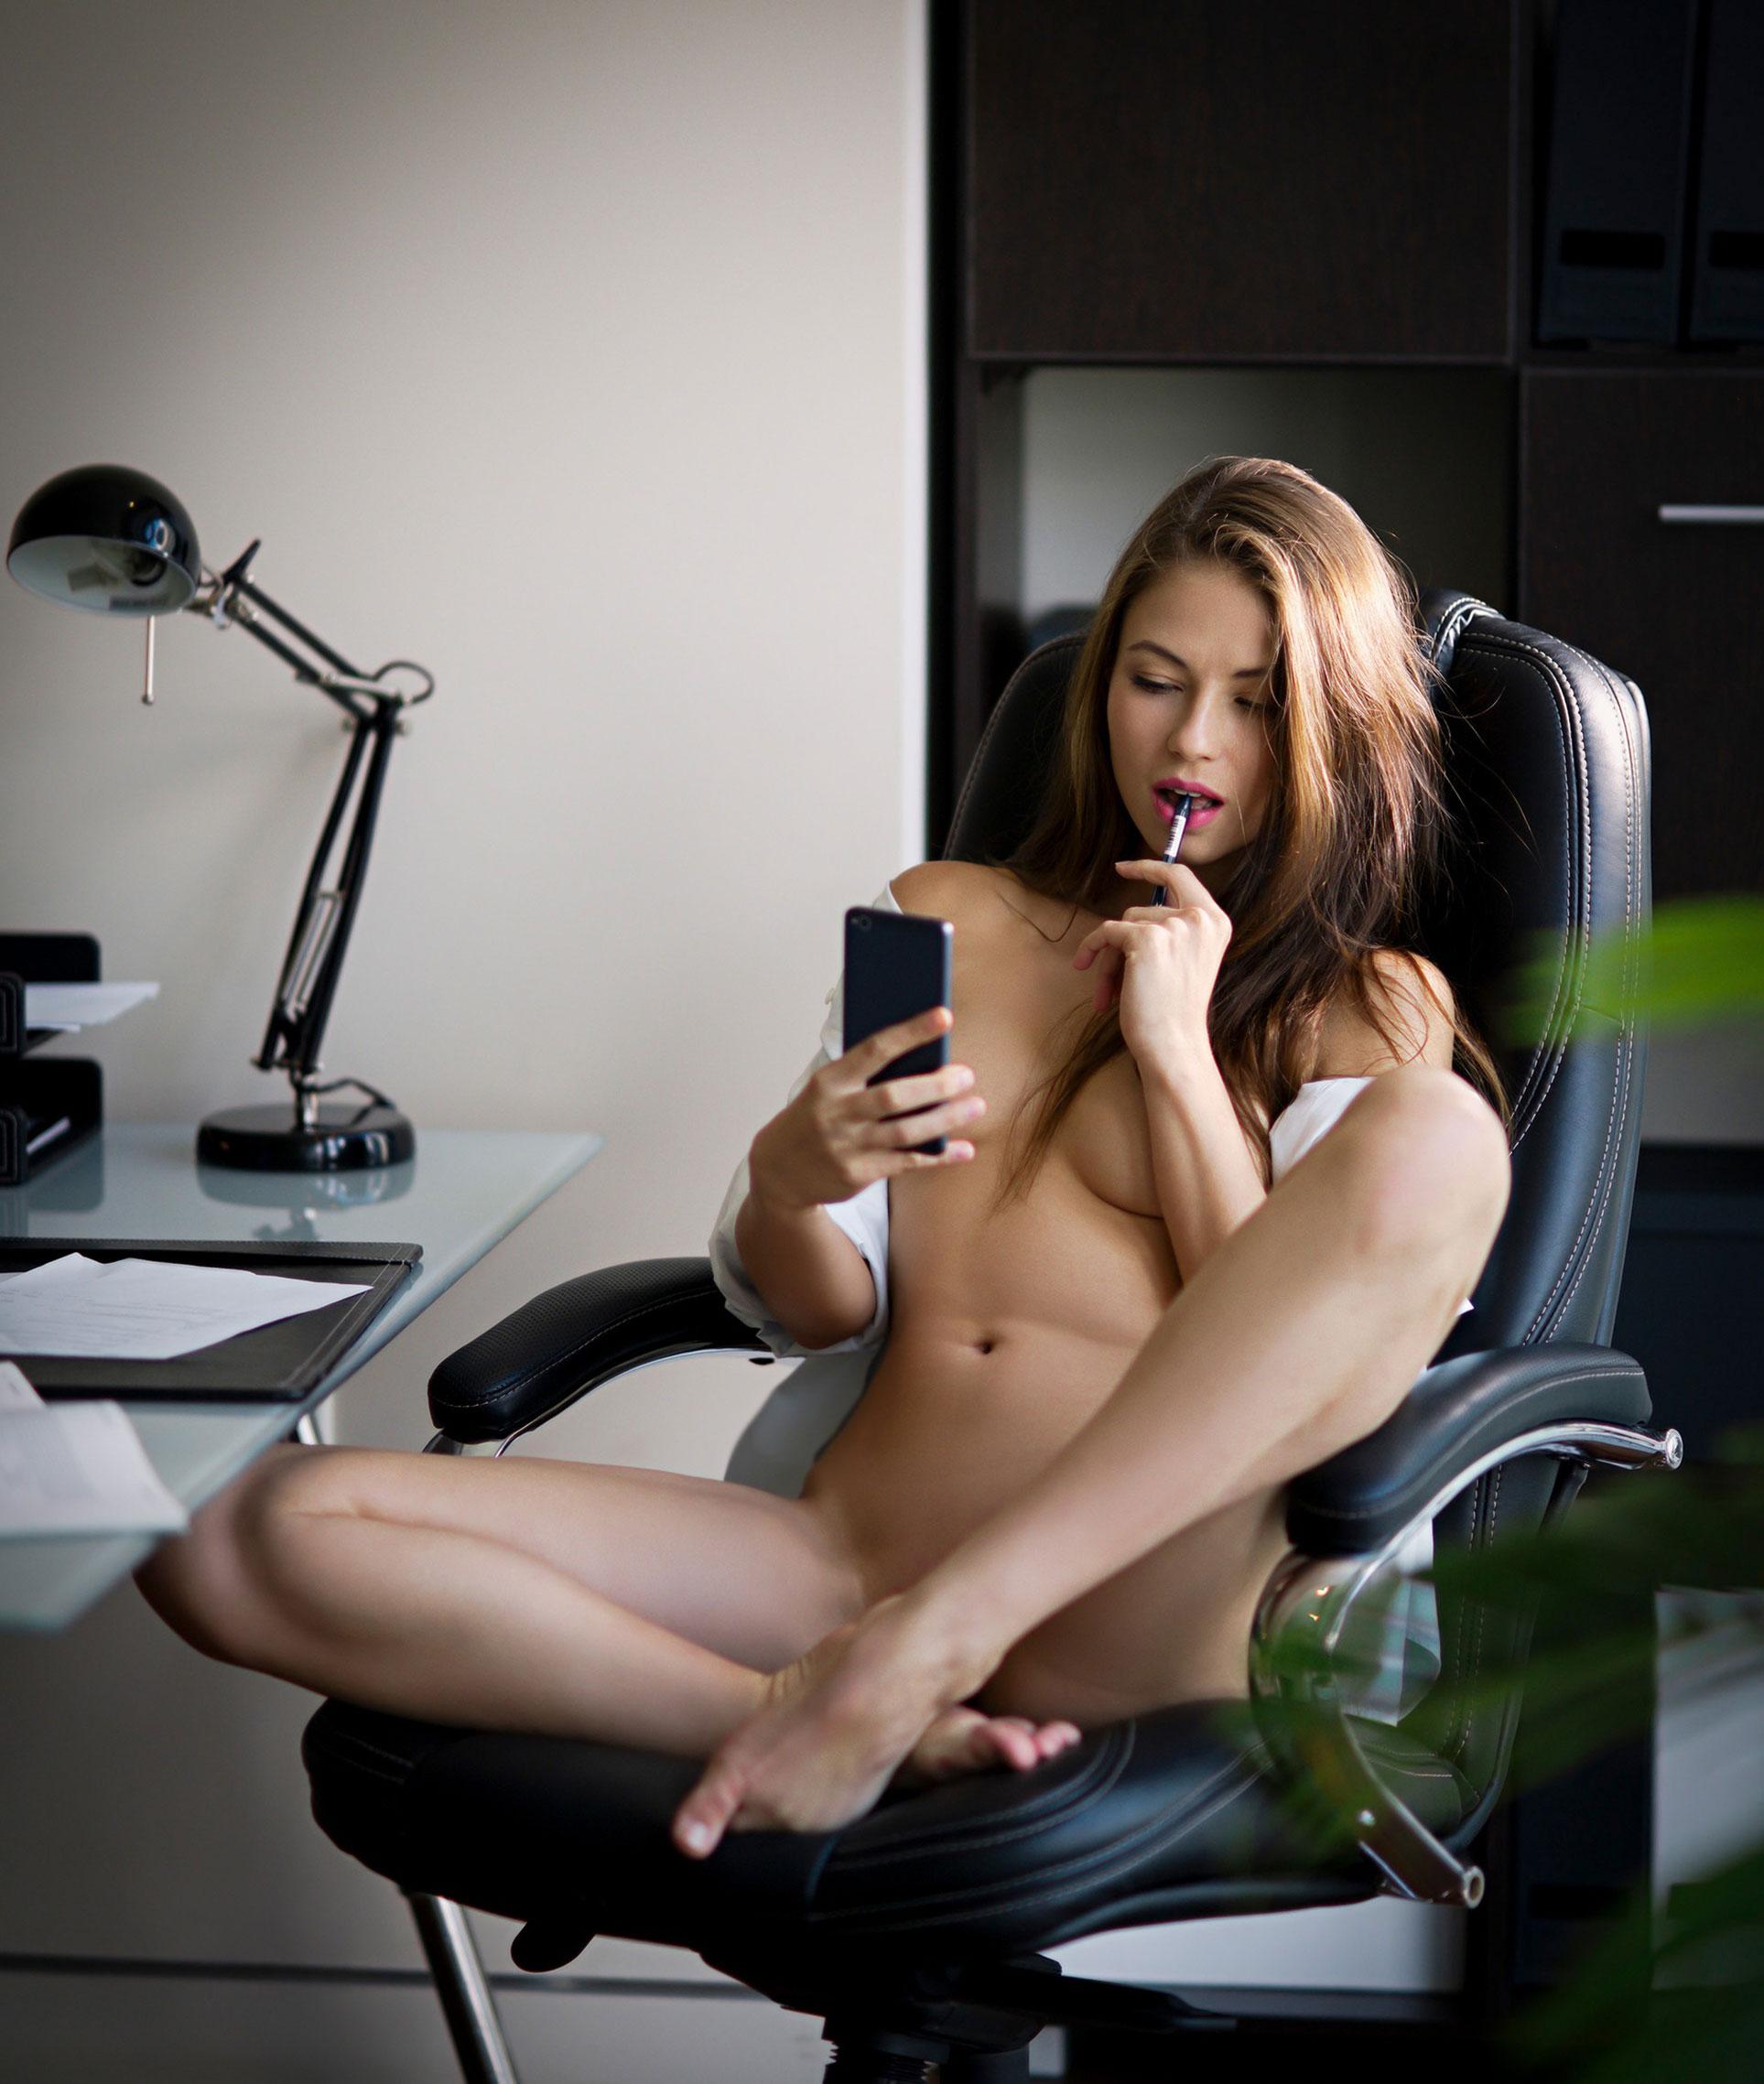 сексуальная Виктория Алико в роли секретарши мечты / фото 07